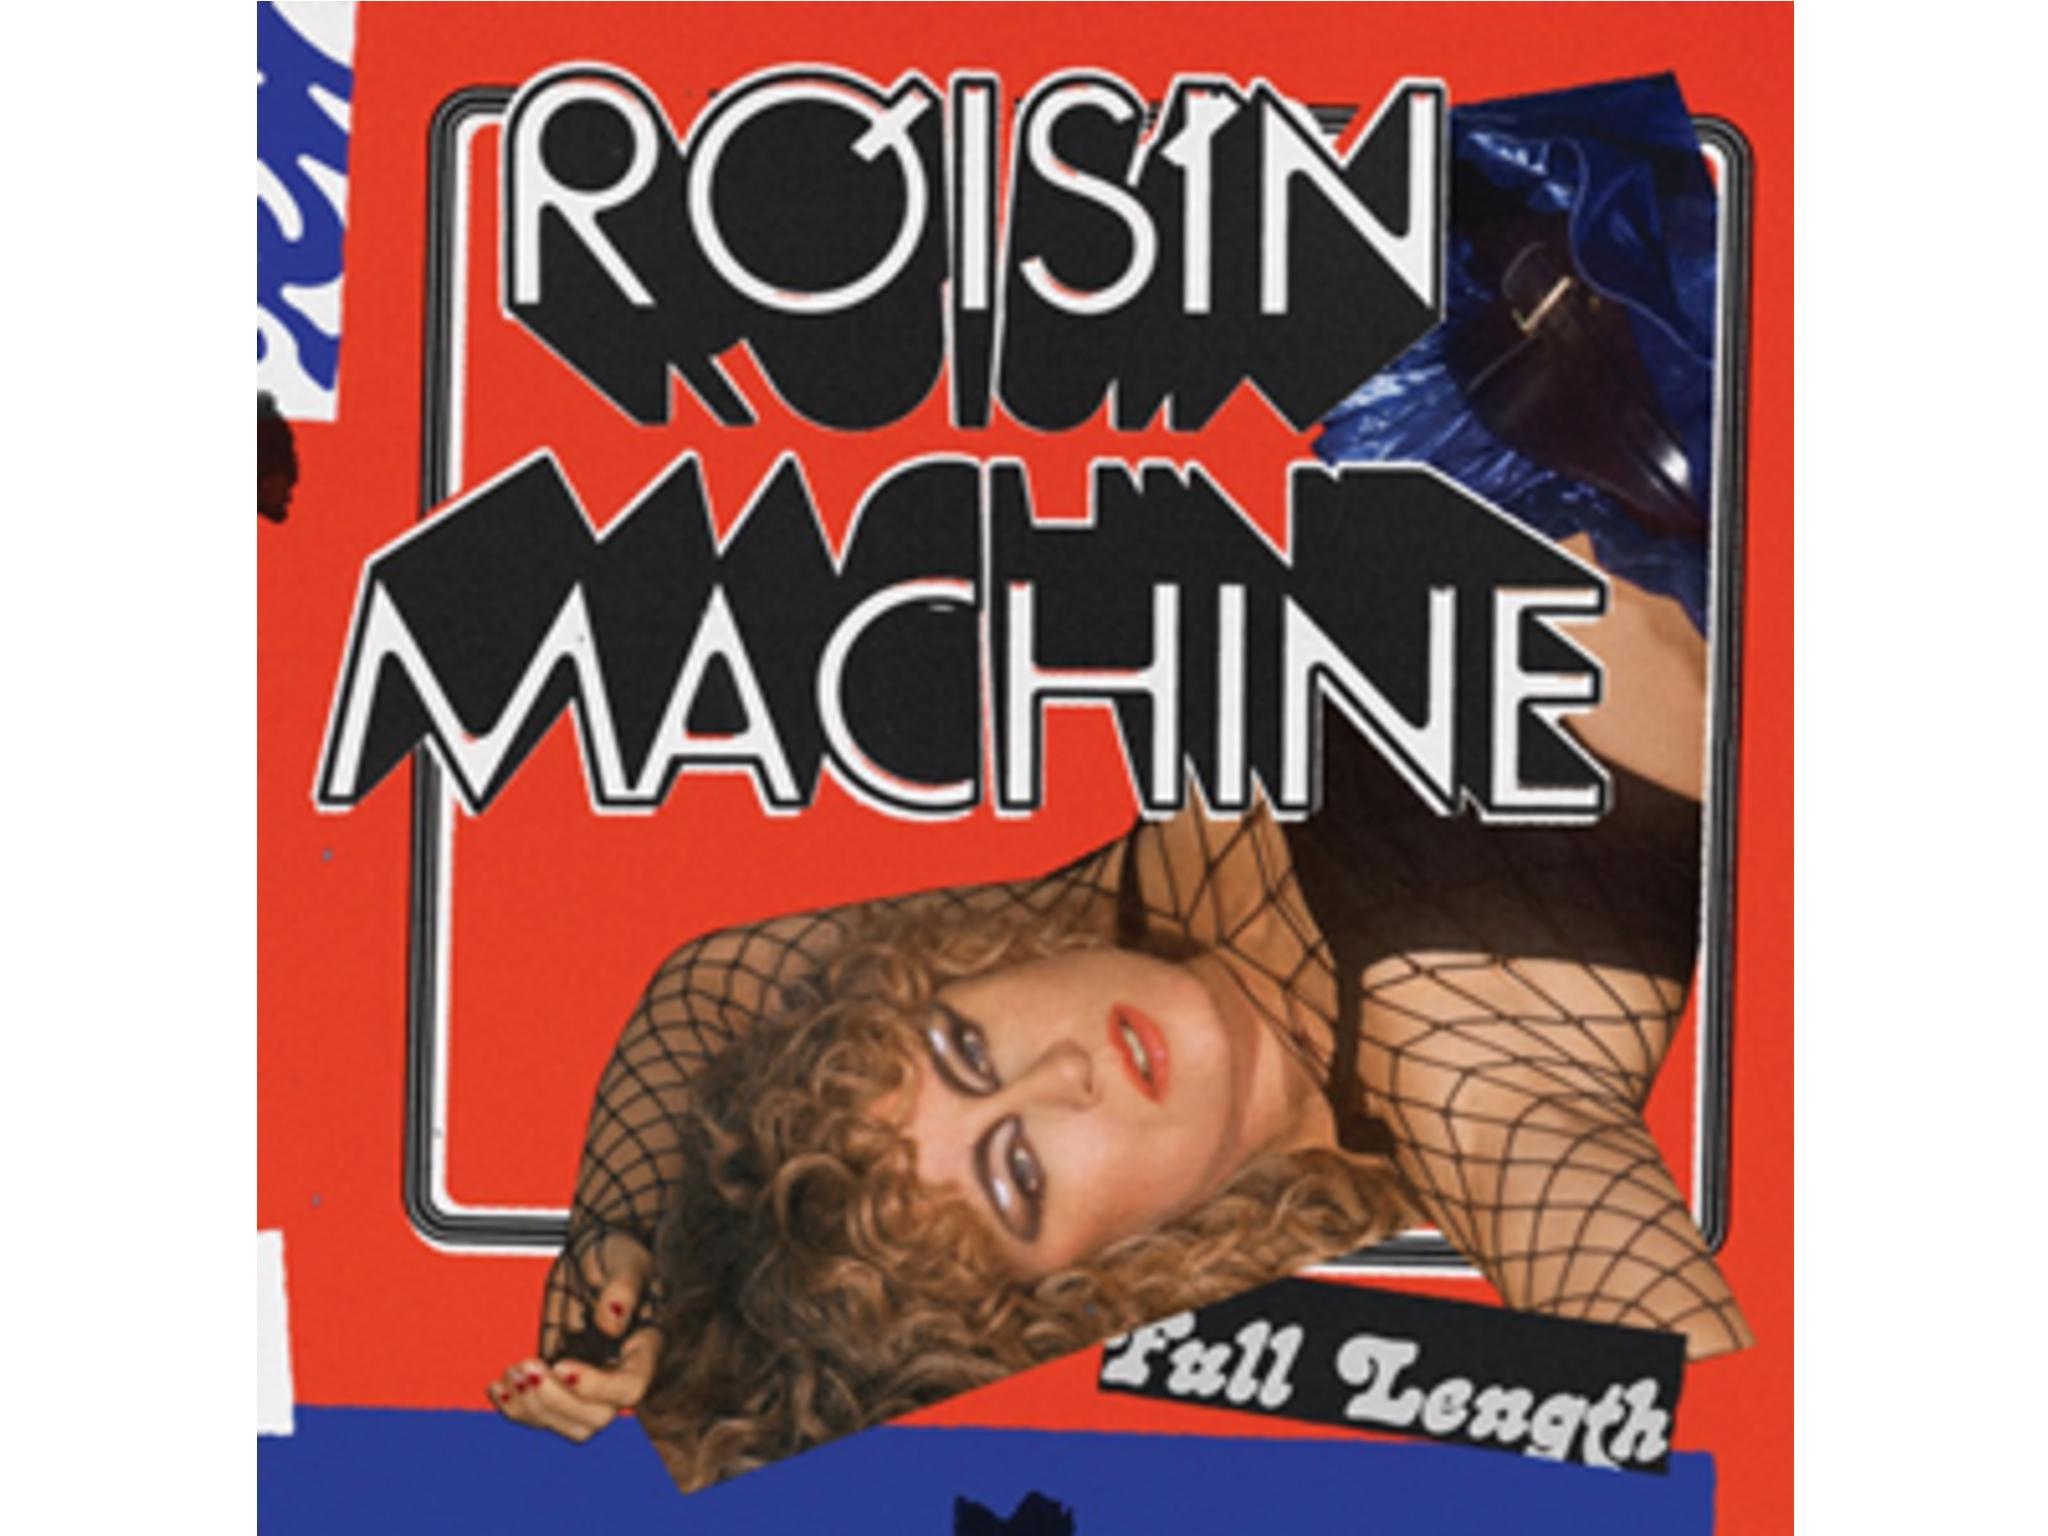 Roisin Machine by Roisin Murphy